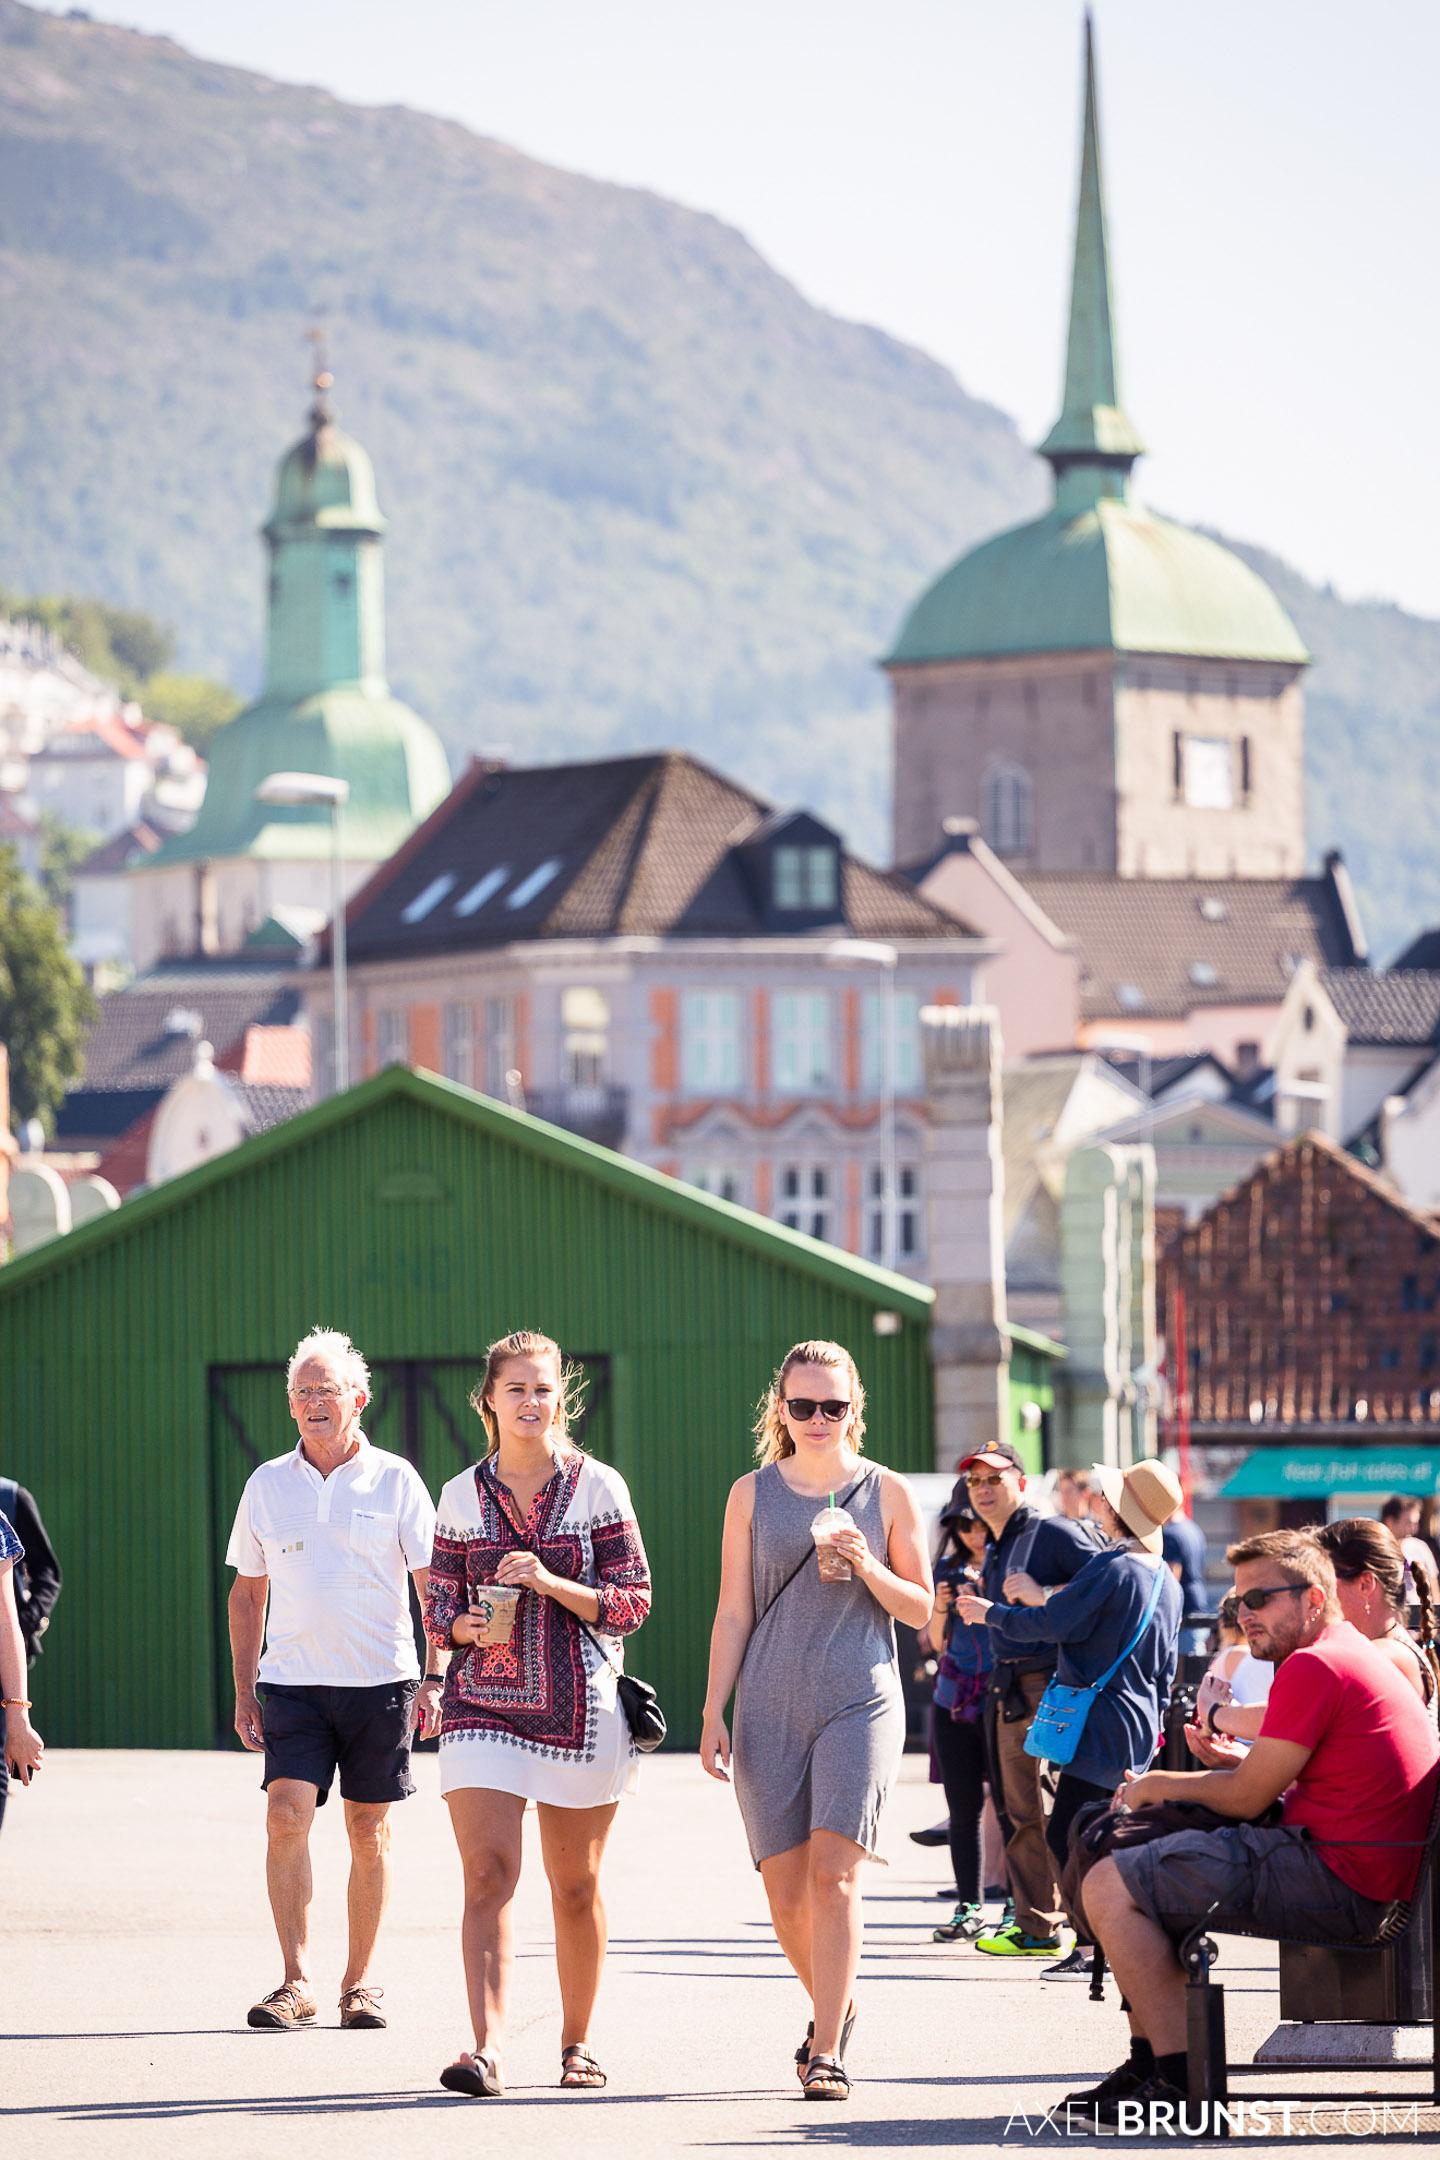 bergen-city-norway-1.jpg